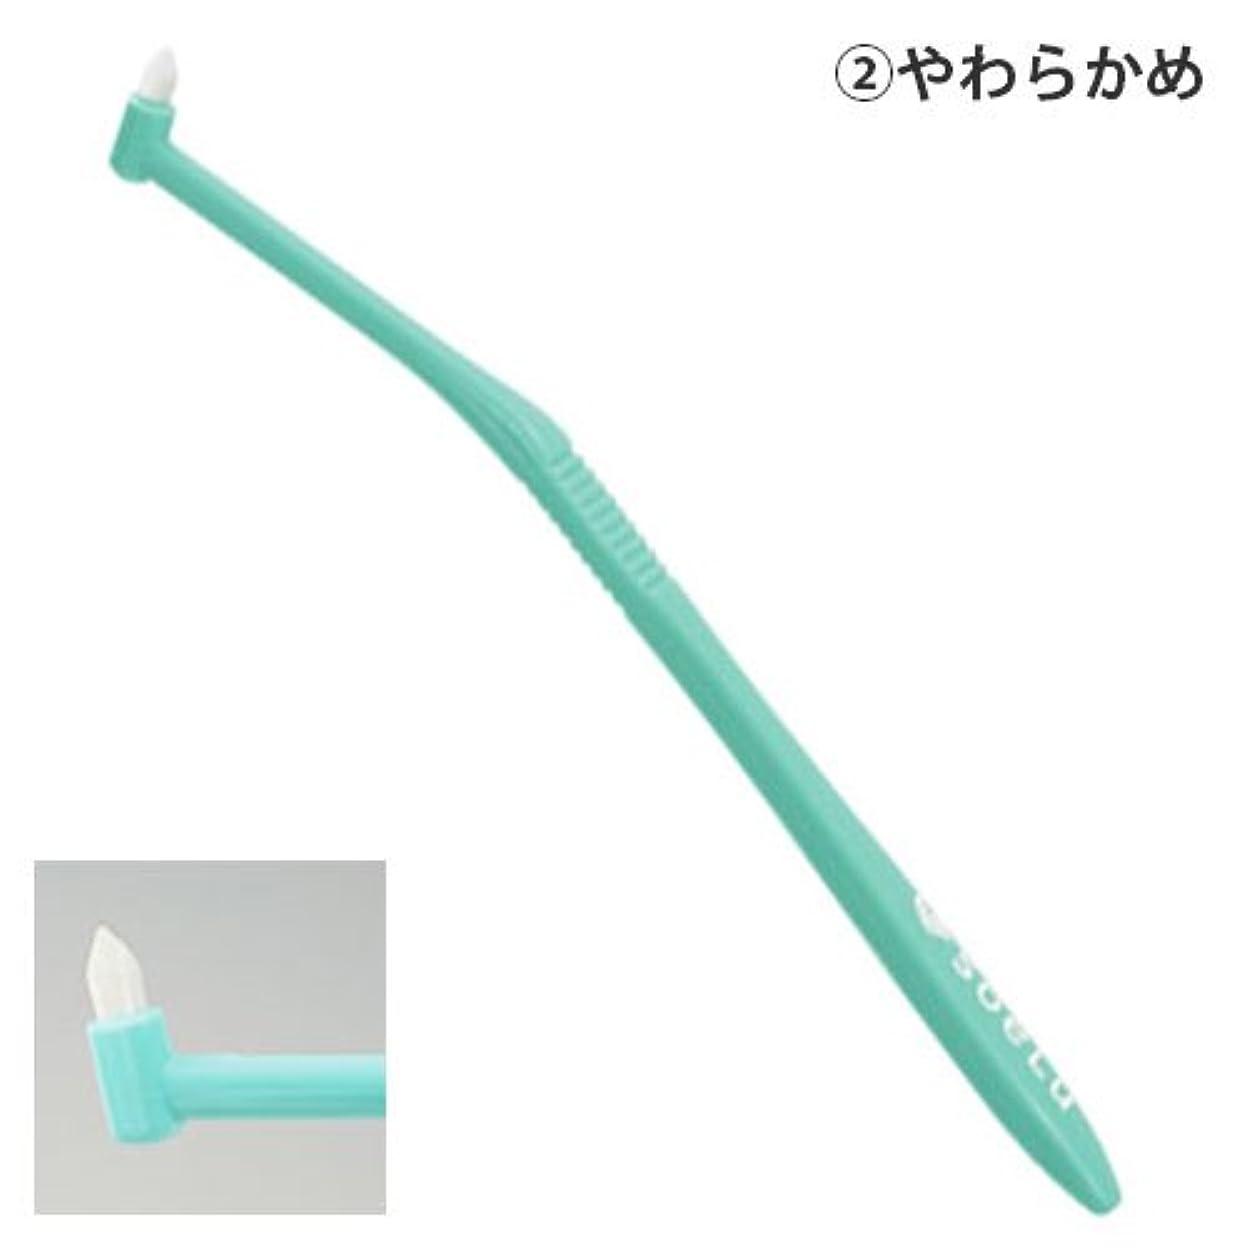 浸した内部衣装ソエル 歯ブラシ PLUSやわらかめ